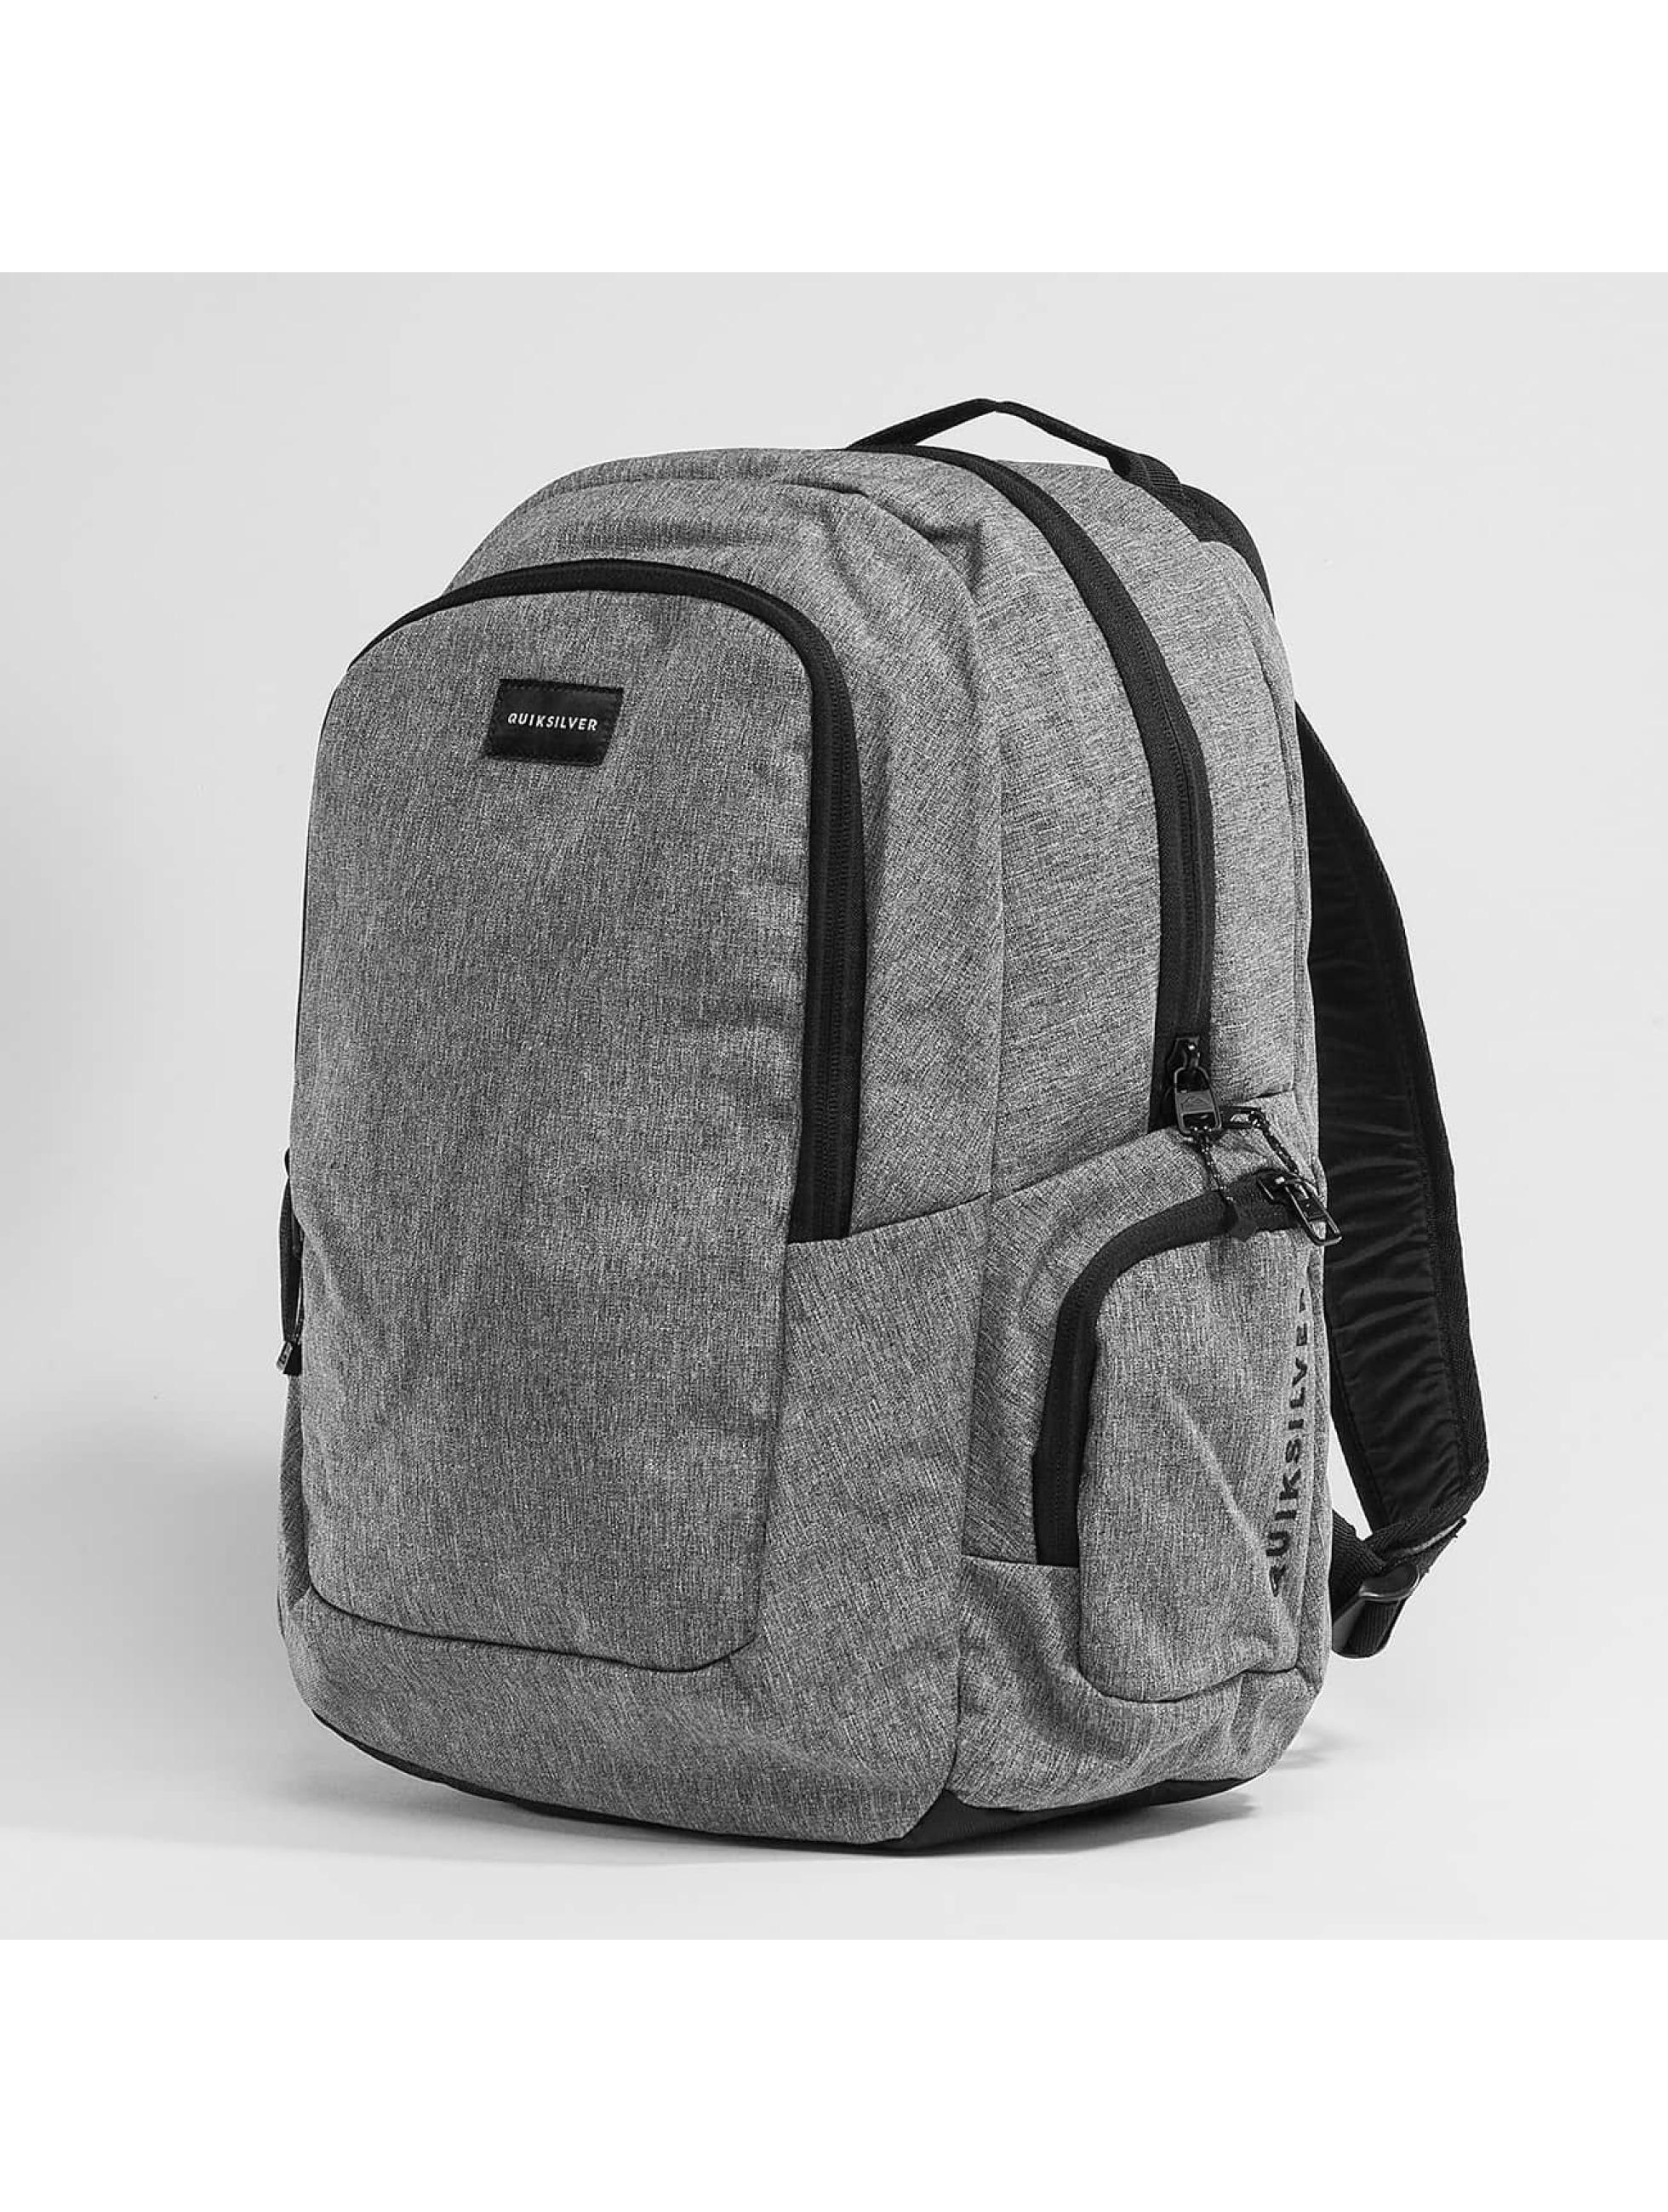 Quiksilver Backpack Schoolie grey